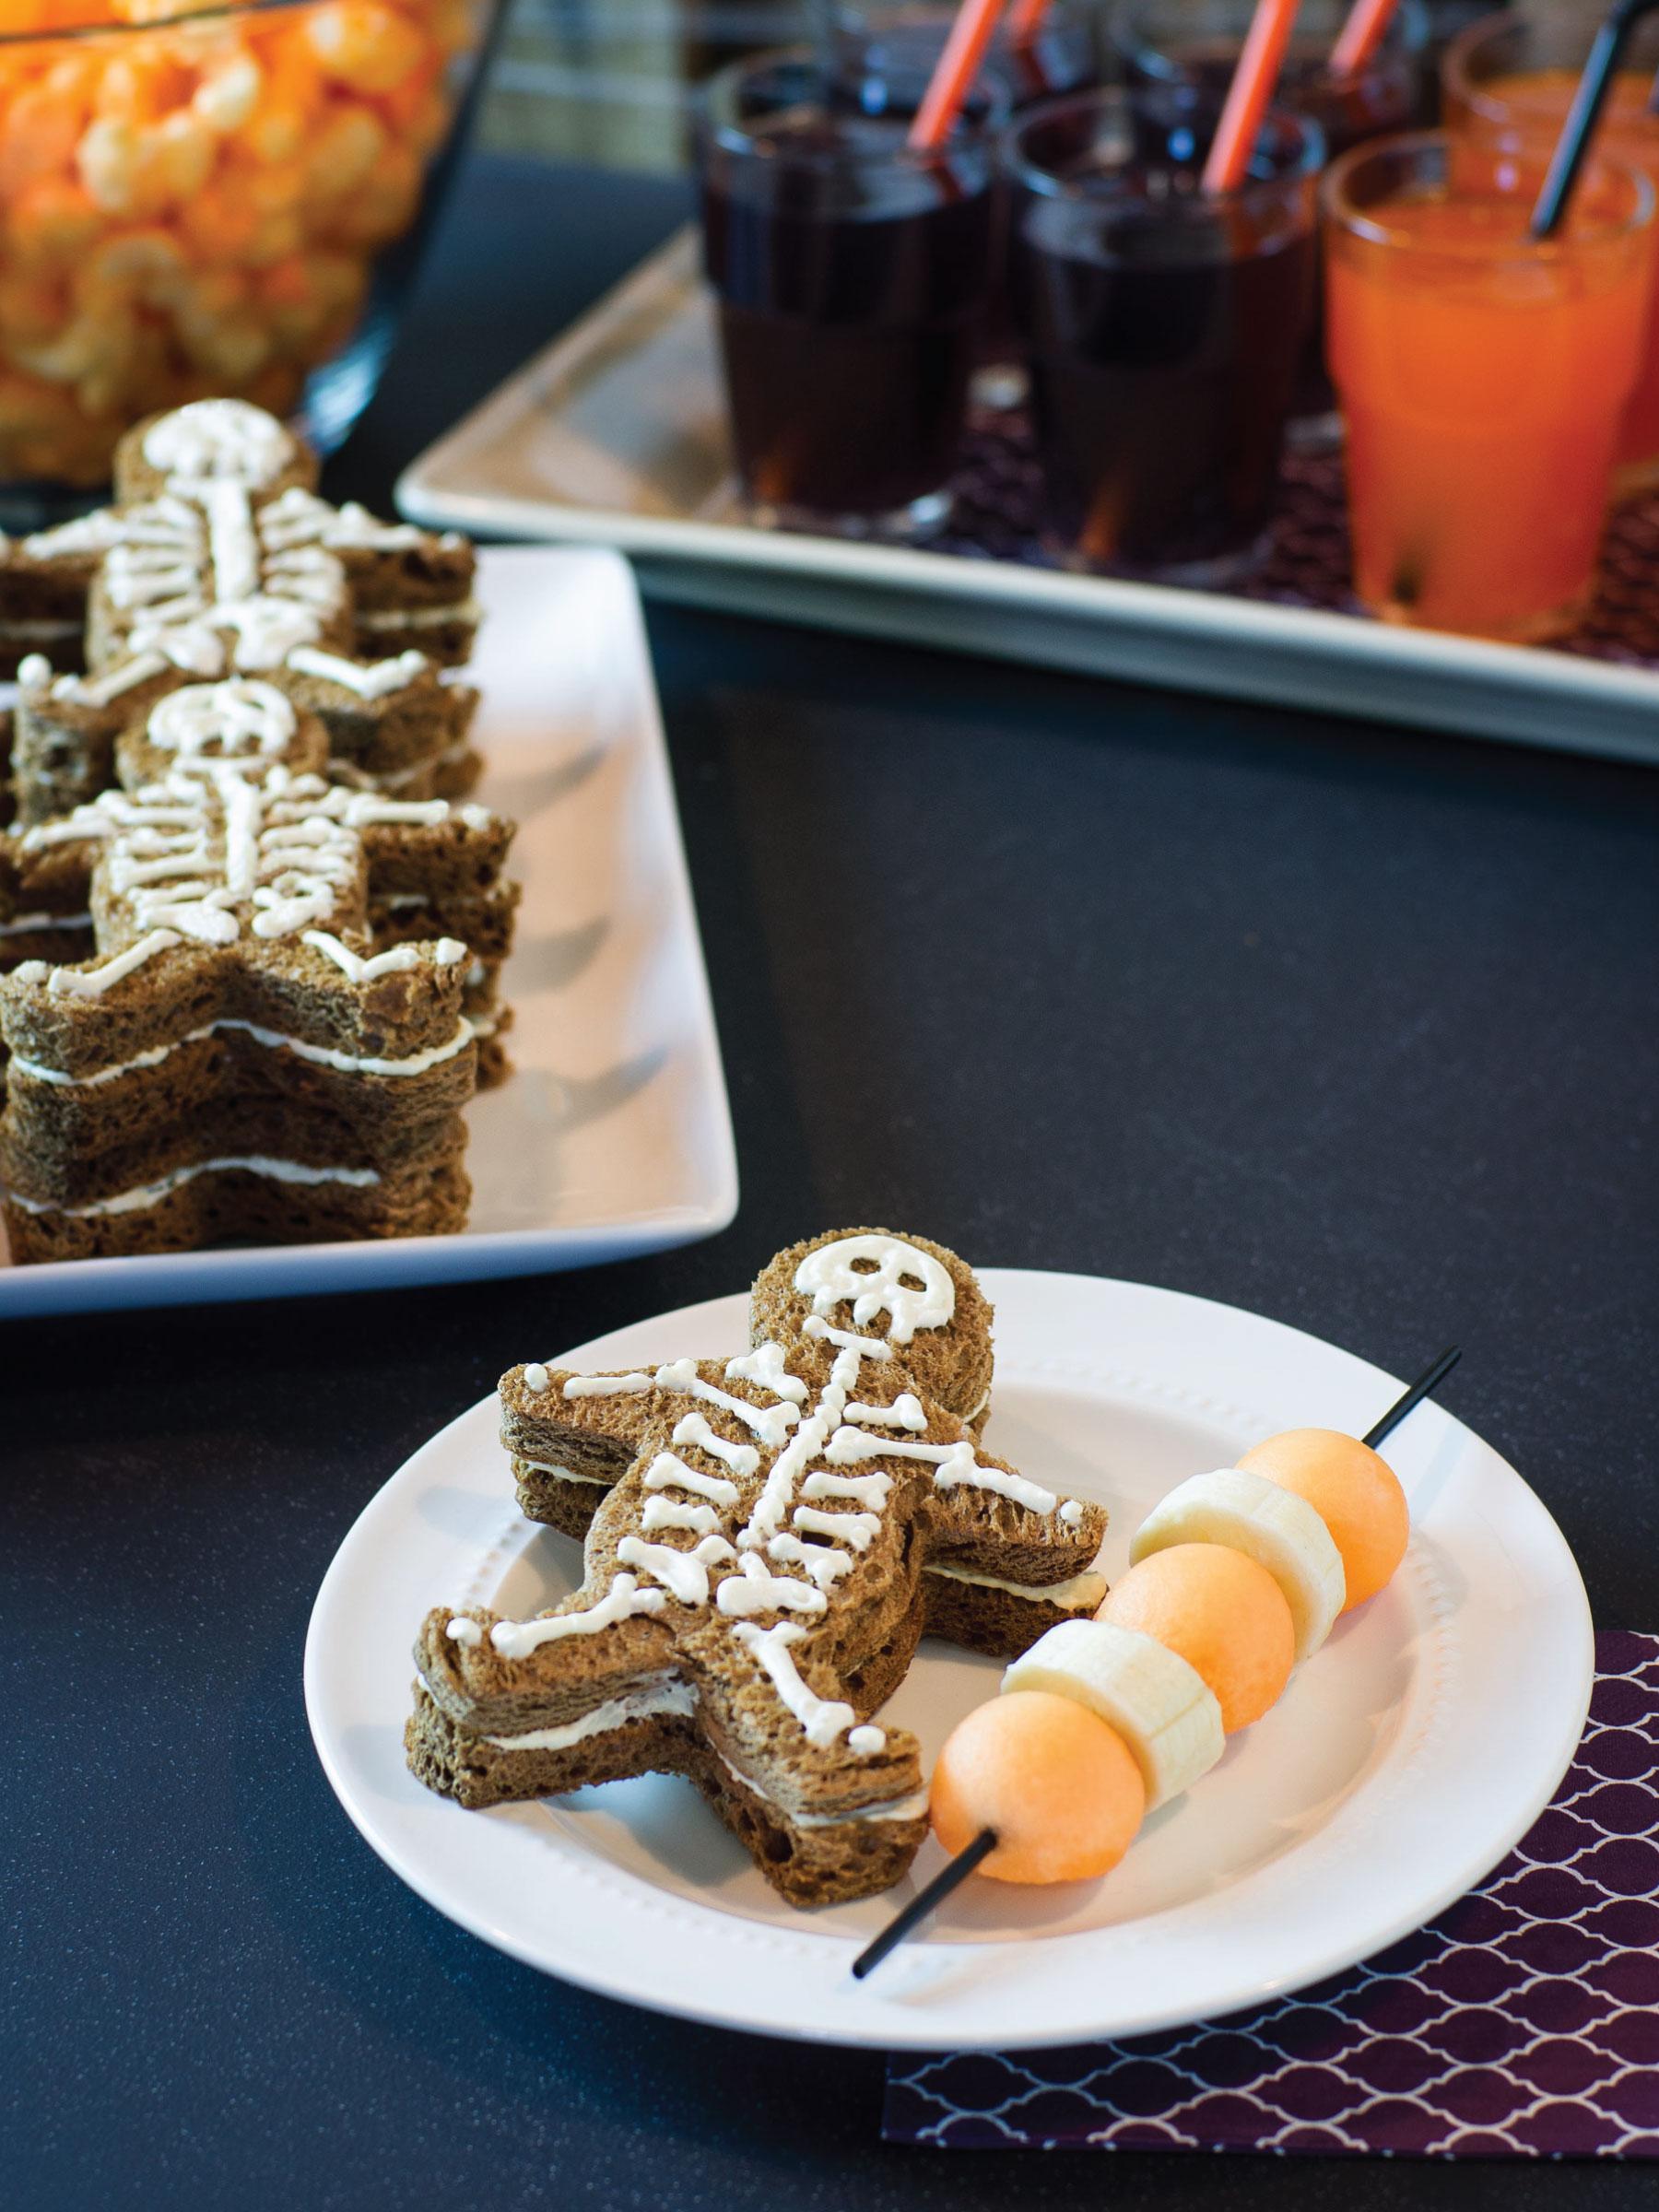 Skeleton Sandwiches by Sam Henderson of Today's Nest for HGTV